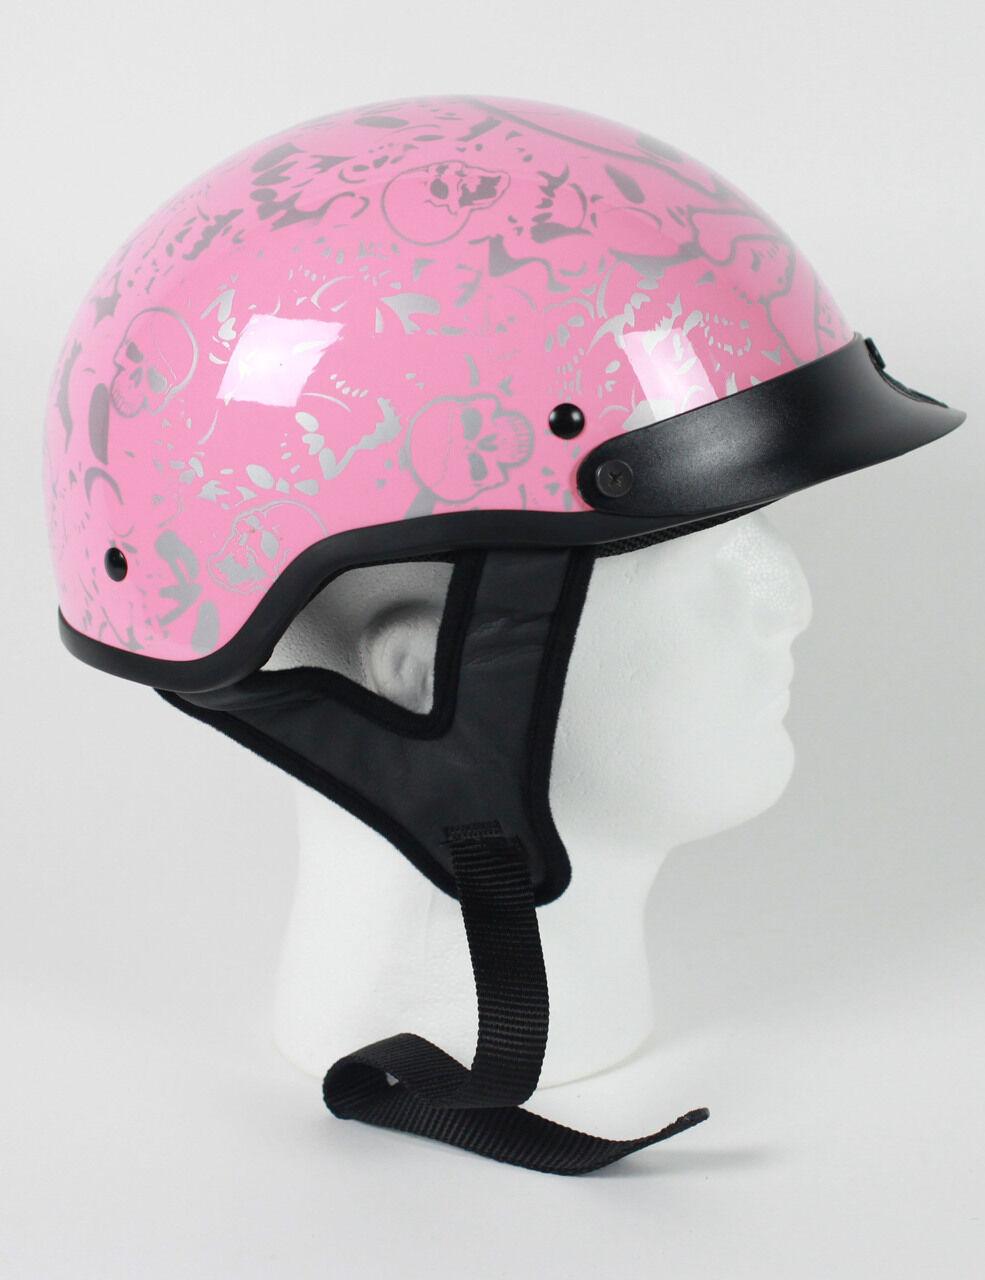 DOT VENTED PINK BONEYARD LADIES MOTORCYCLE HALF HELMET BEANIE HELMETS SHORTY